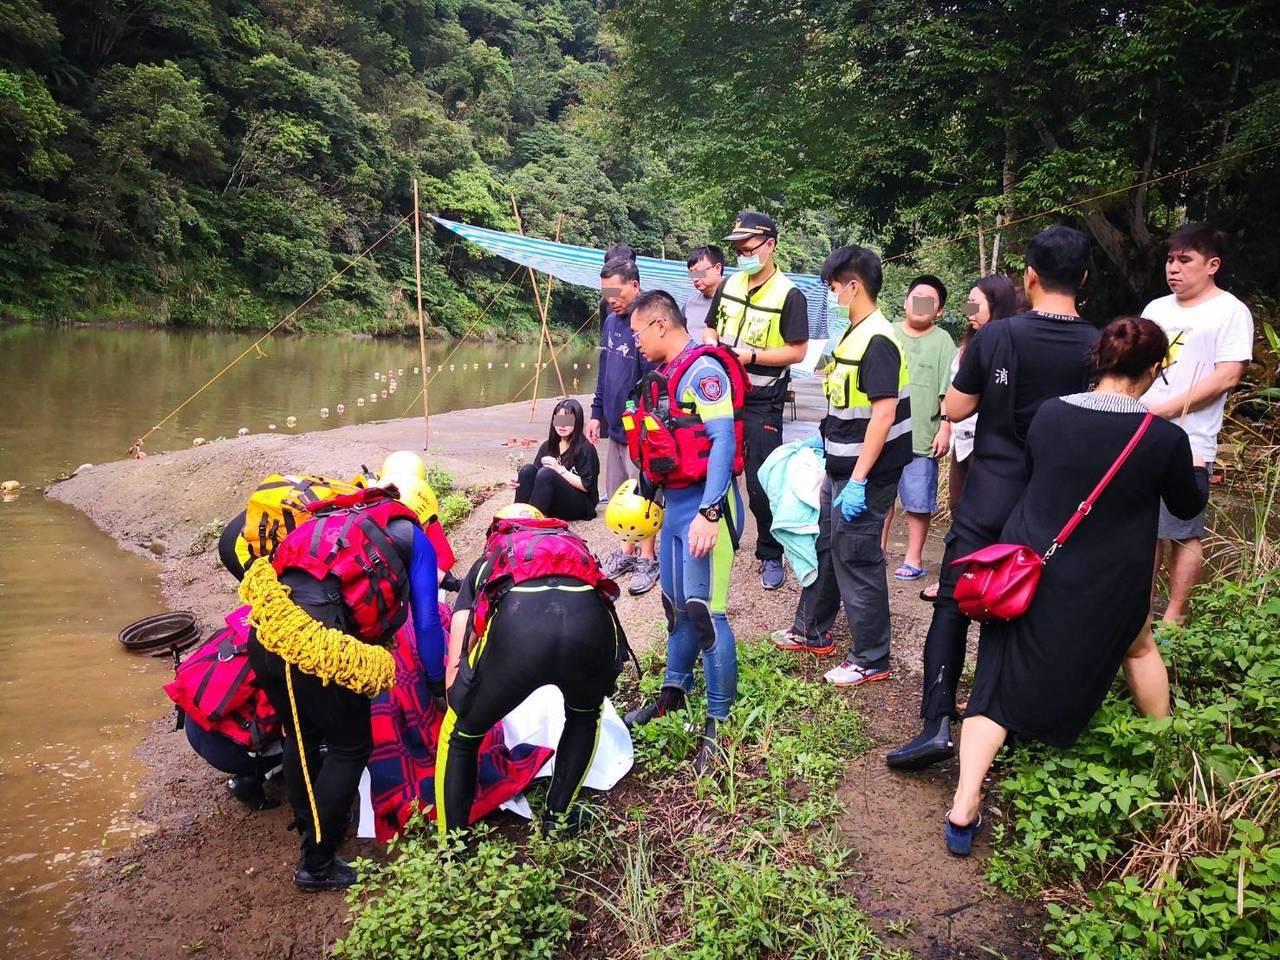 新北市坪林區昨天發生9名遊客在虎寮潭露營區旁玩水時,因山區午後降下陣雨造成溪水暴...